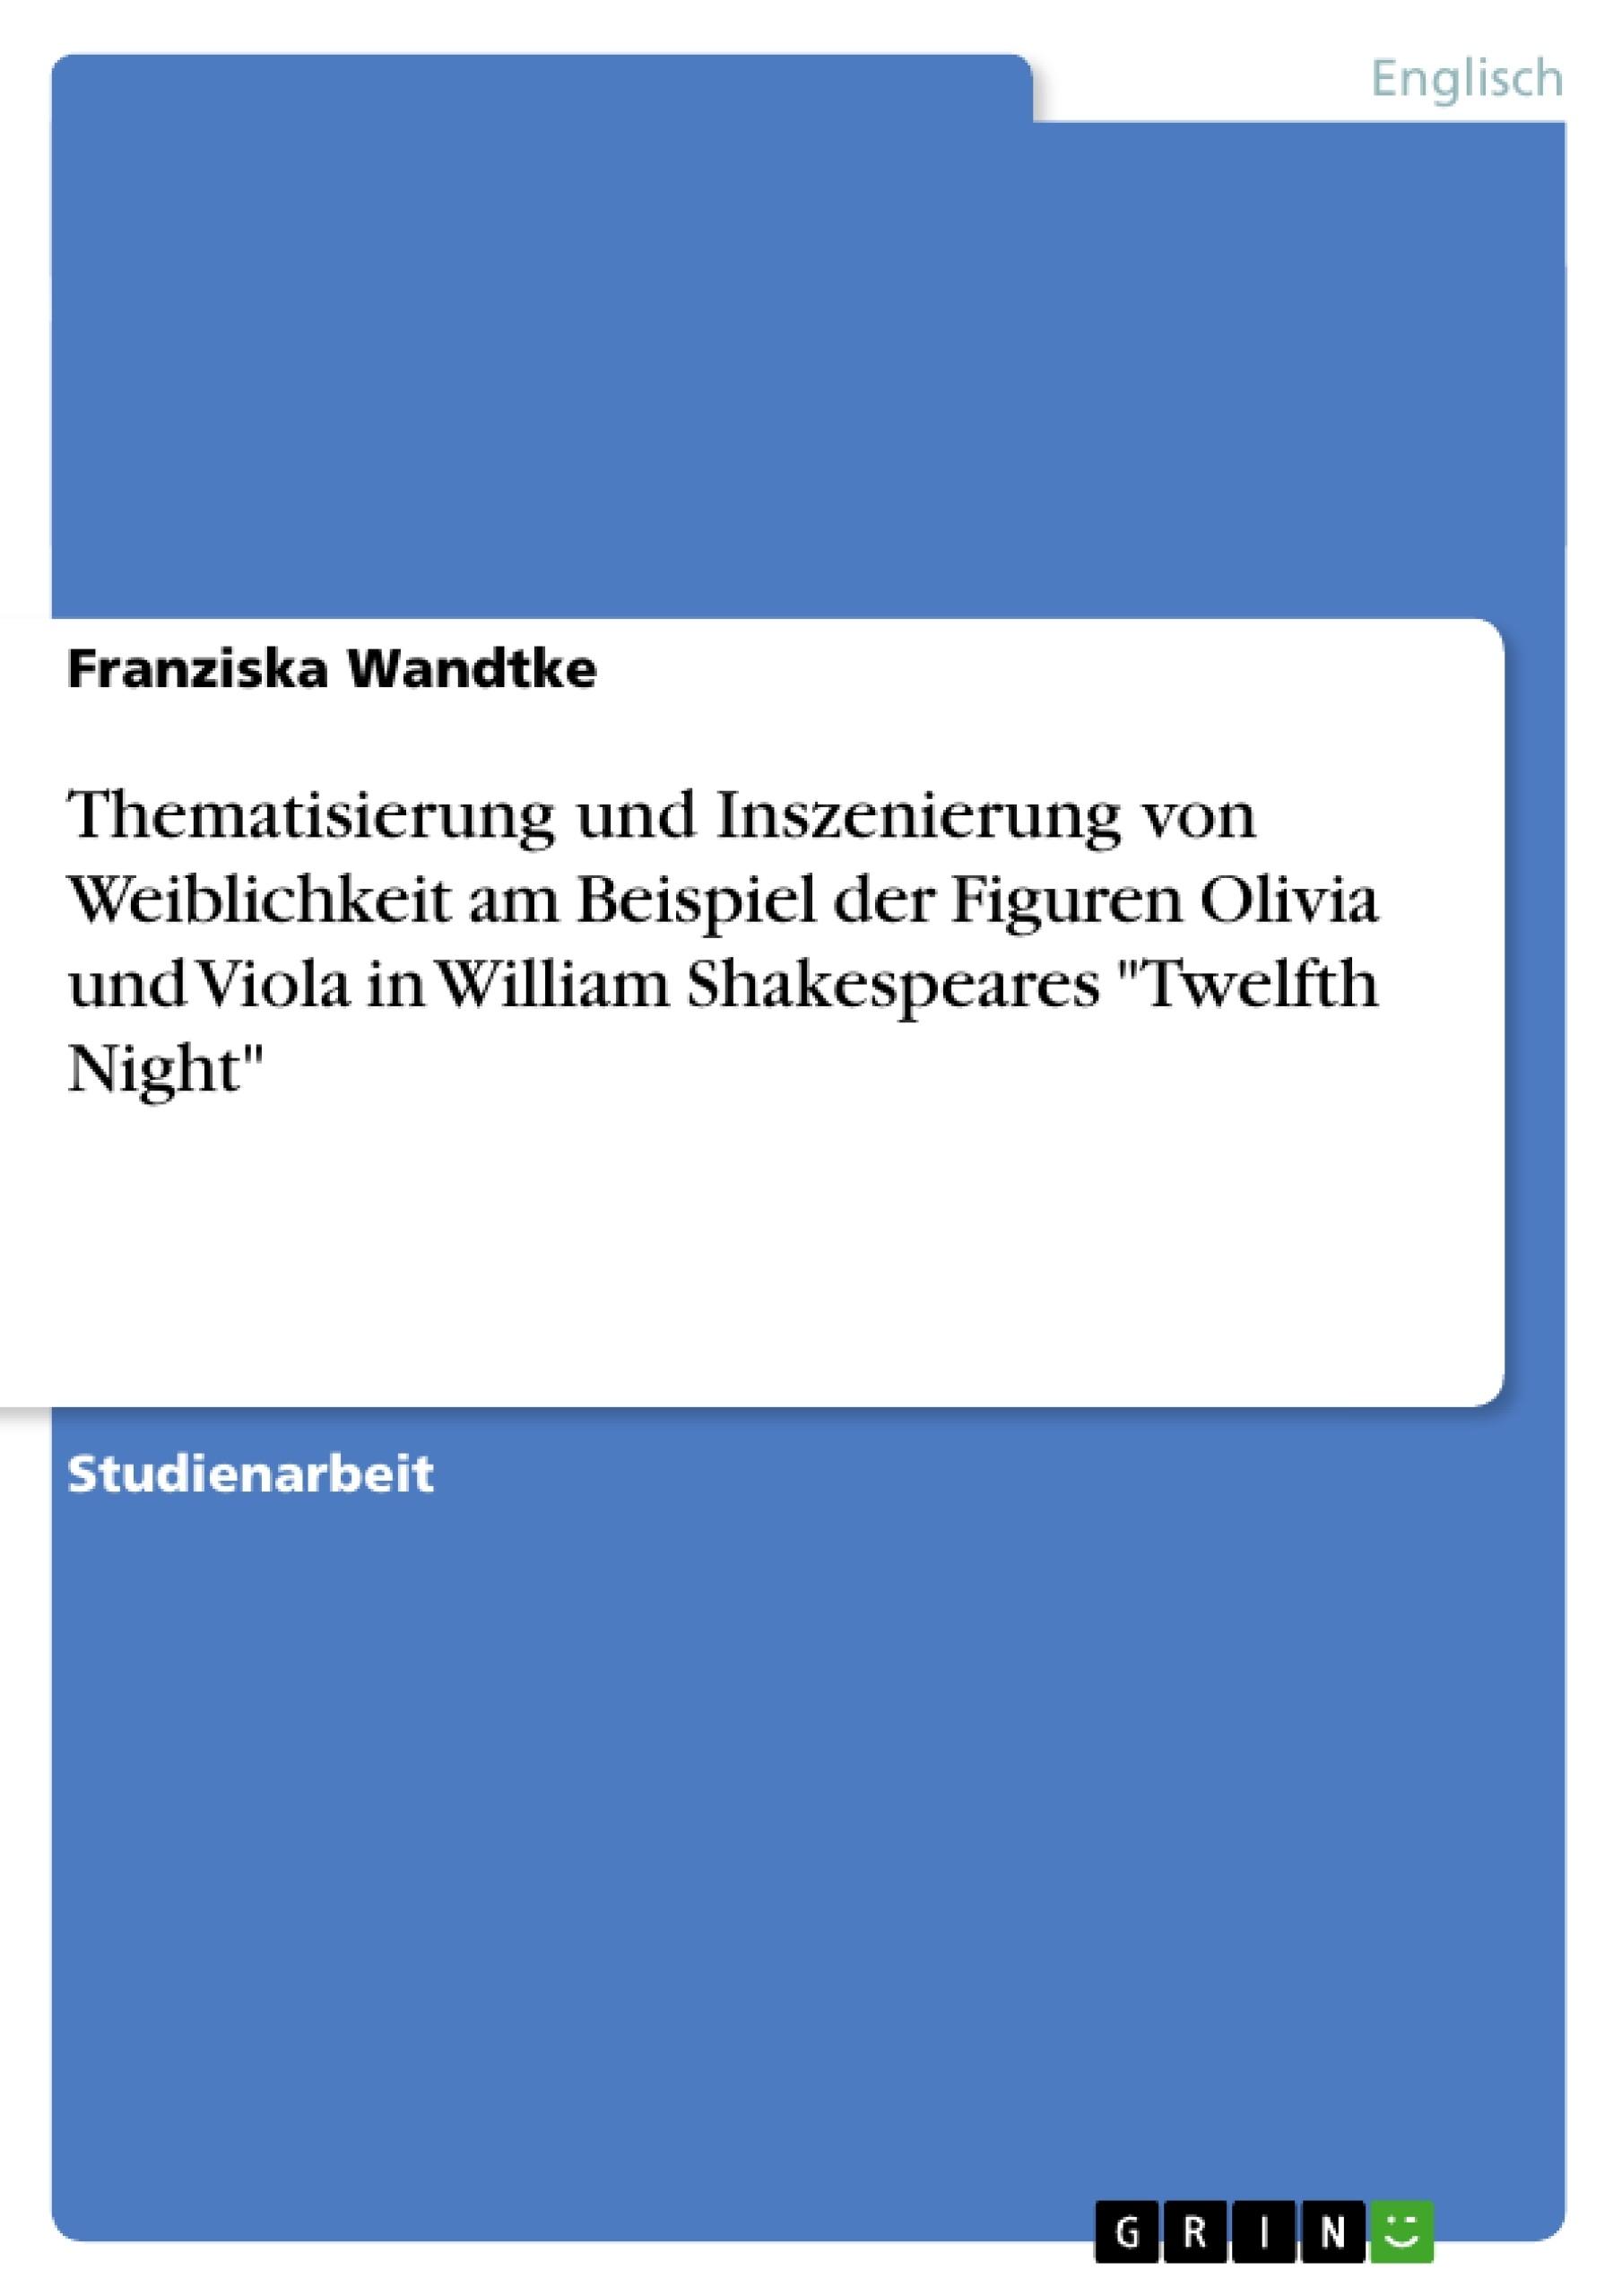 """Titel: Thematisierung und Inszenierung von Weiblichkeit am Beispiel der Figuren Olivia und Viola in William Shakespeares """"Twelfth Night"""""""